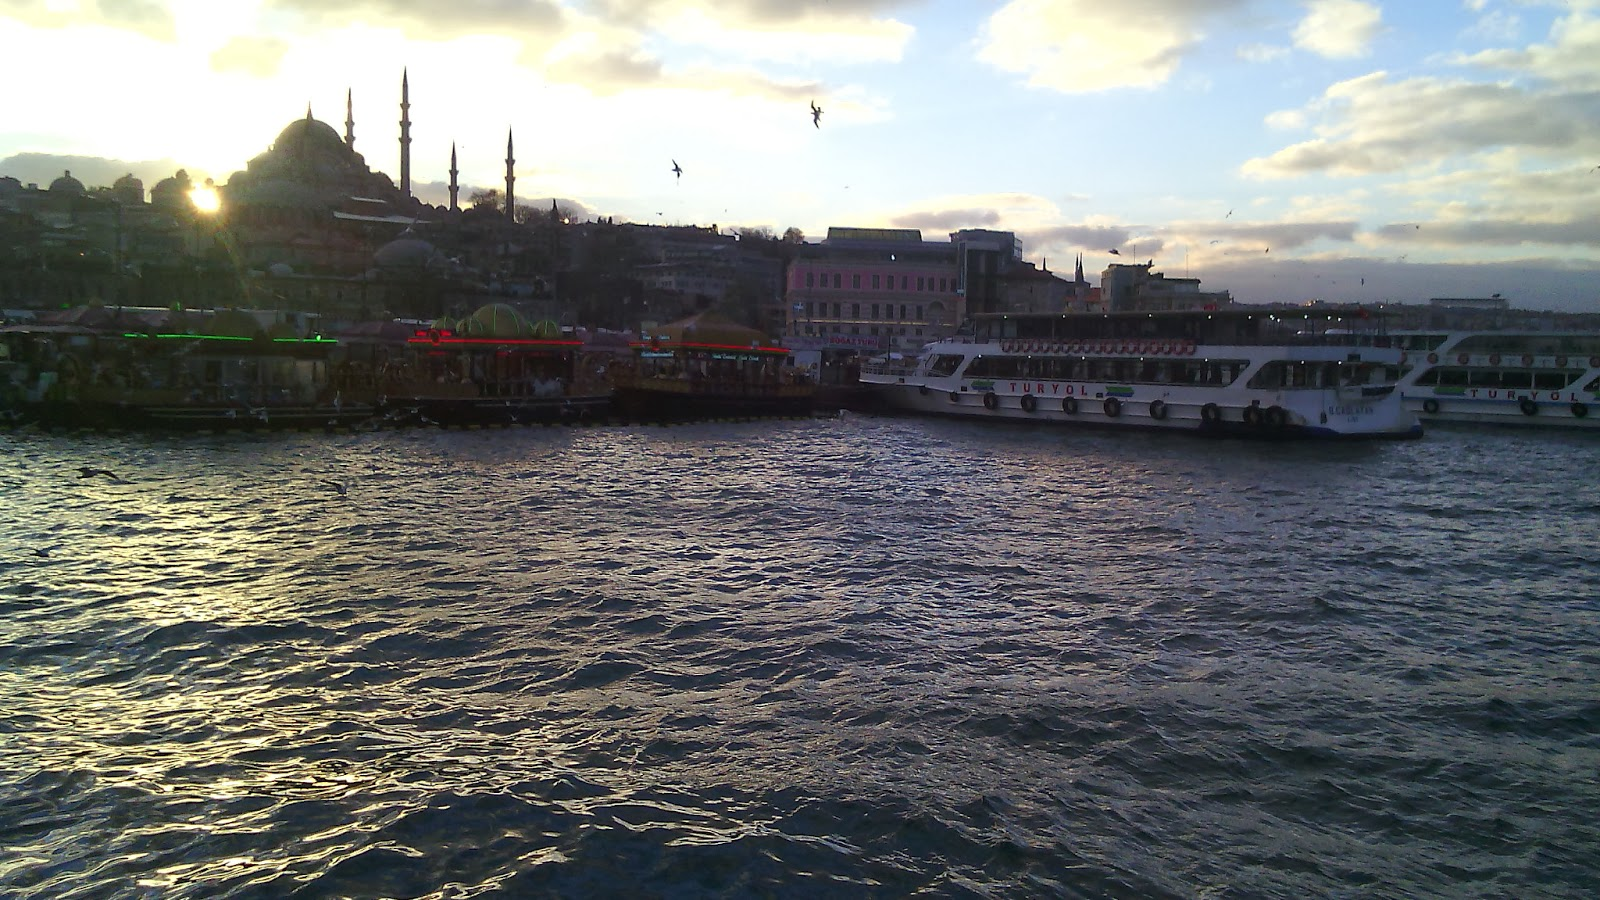 صور من توليب للسياحة والسفر ، اسطنبول ، تركيا